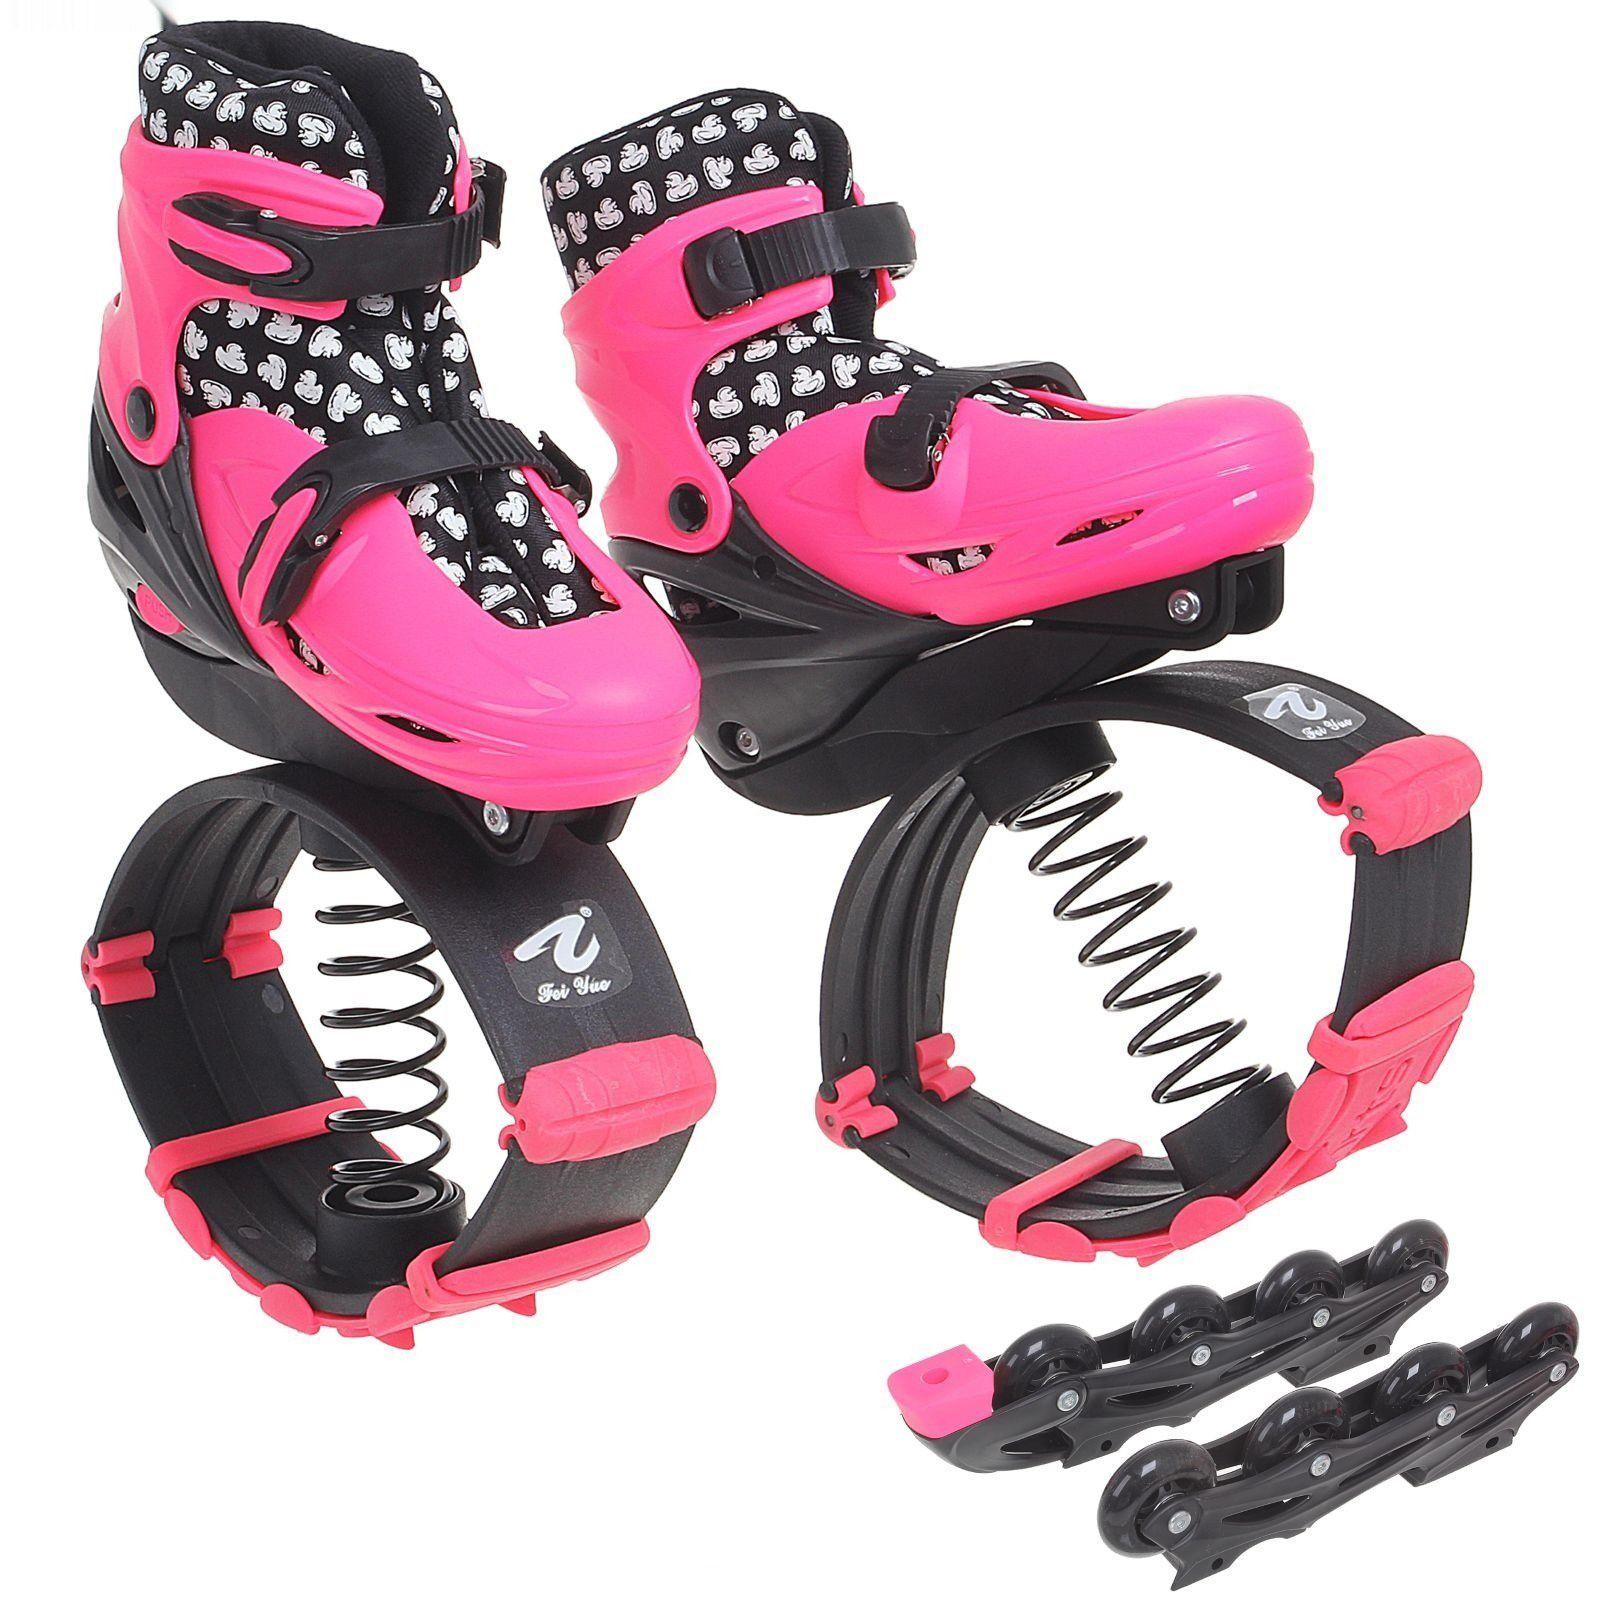 Ботинки для фитнеса с роликовой платформой, розовые, р. 30-34, в пакете